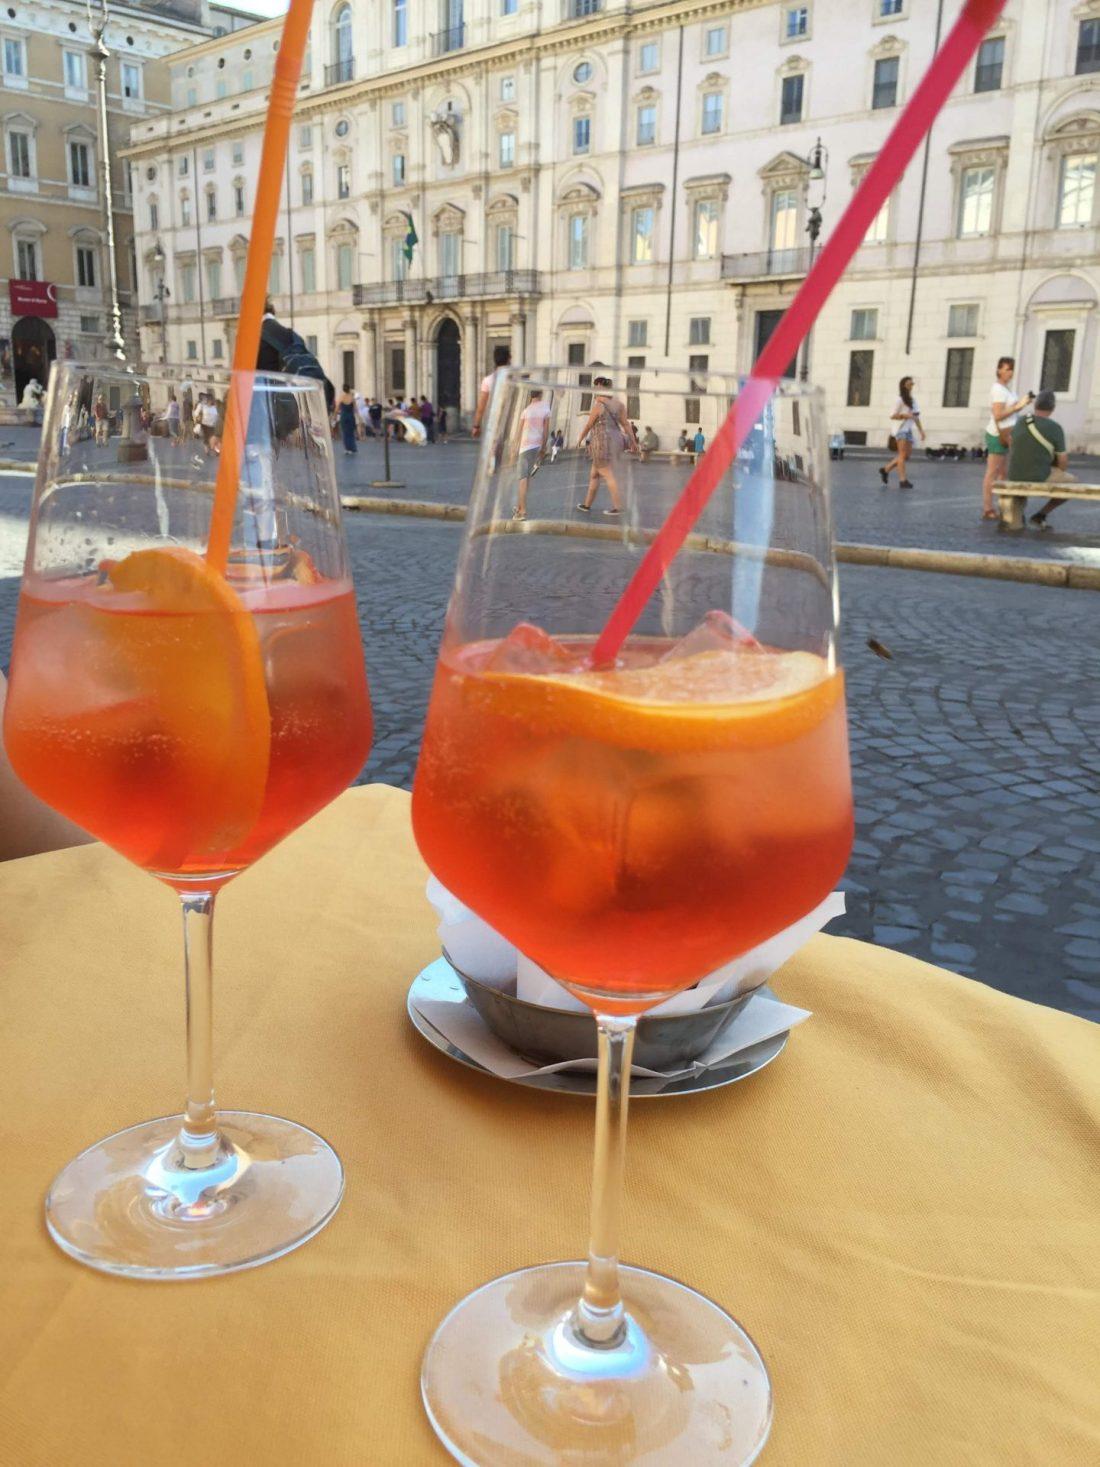 Aperol spritz in Piazza Navona, Rome